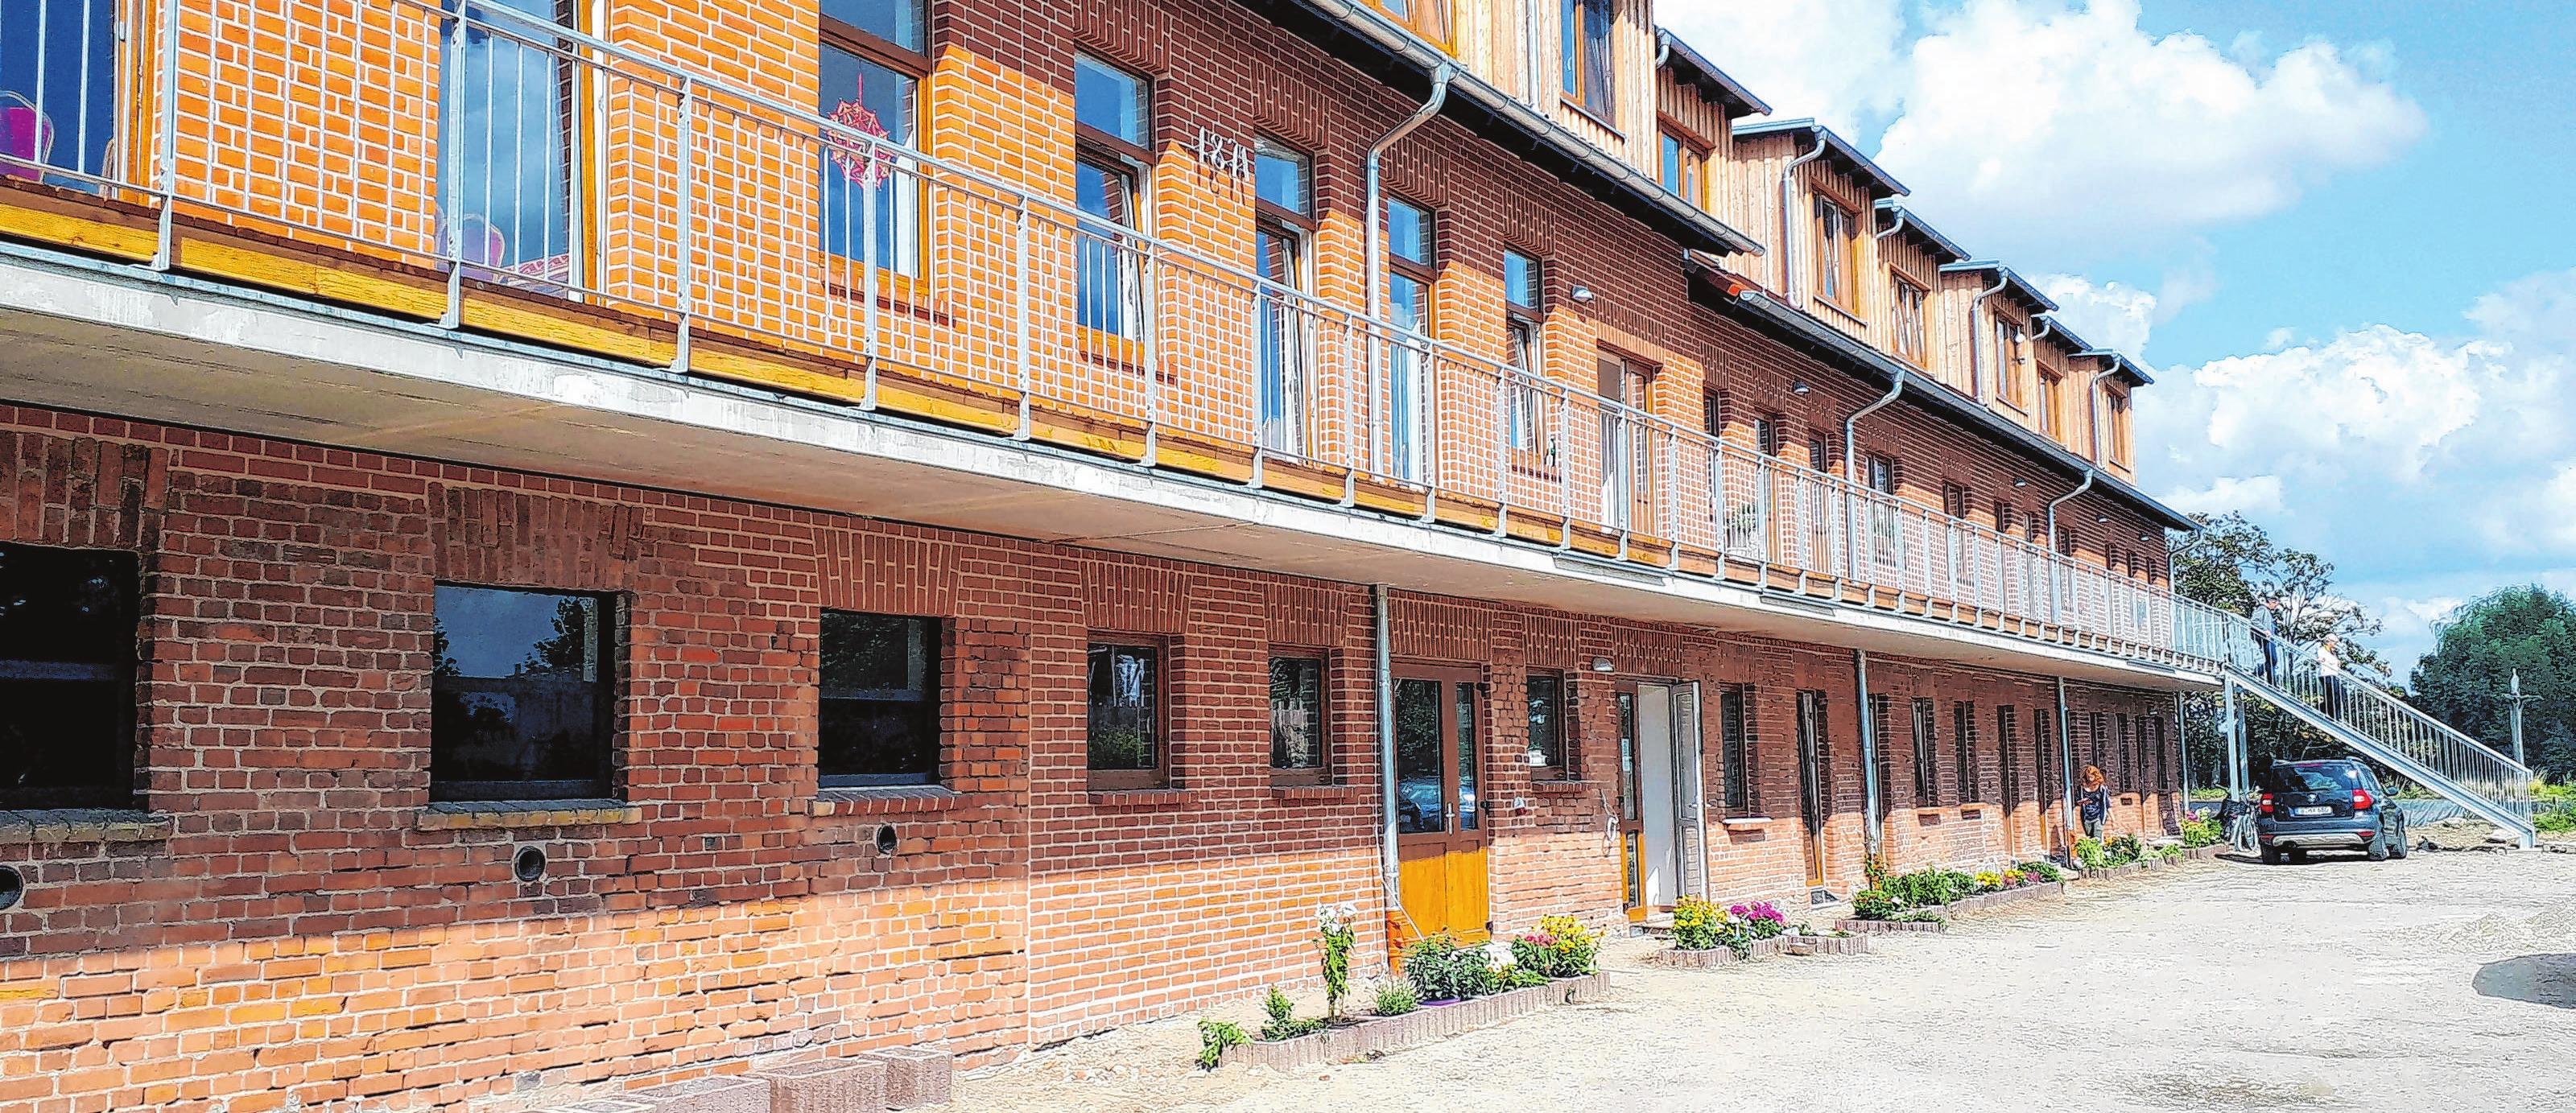 Bachsteinbau von 1871: Der frühere Kuhstall in Liepe ist nun ein Haus mit 13 Betriebswohnungen. Der Umbau wurde im Sommer 2018 fertiggestellt. Fotos: privat